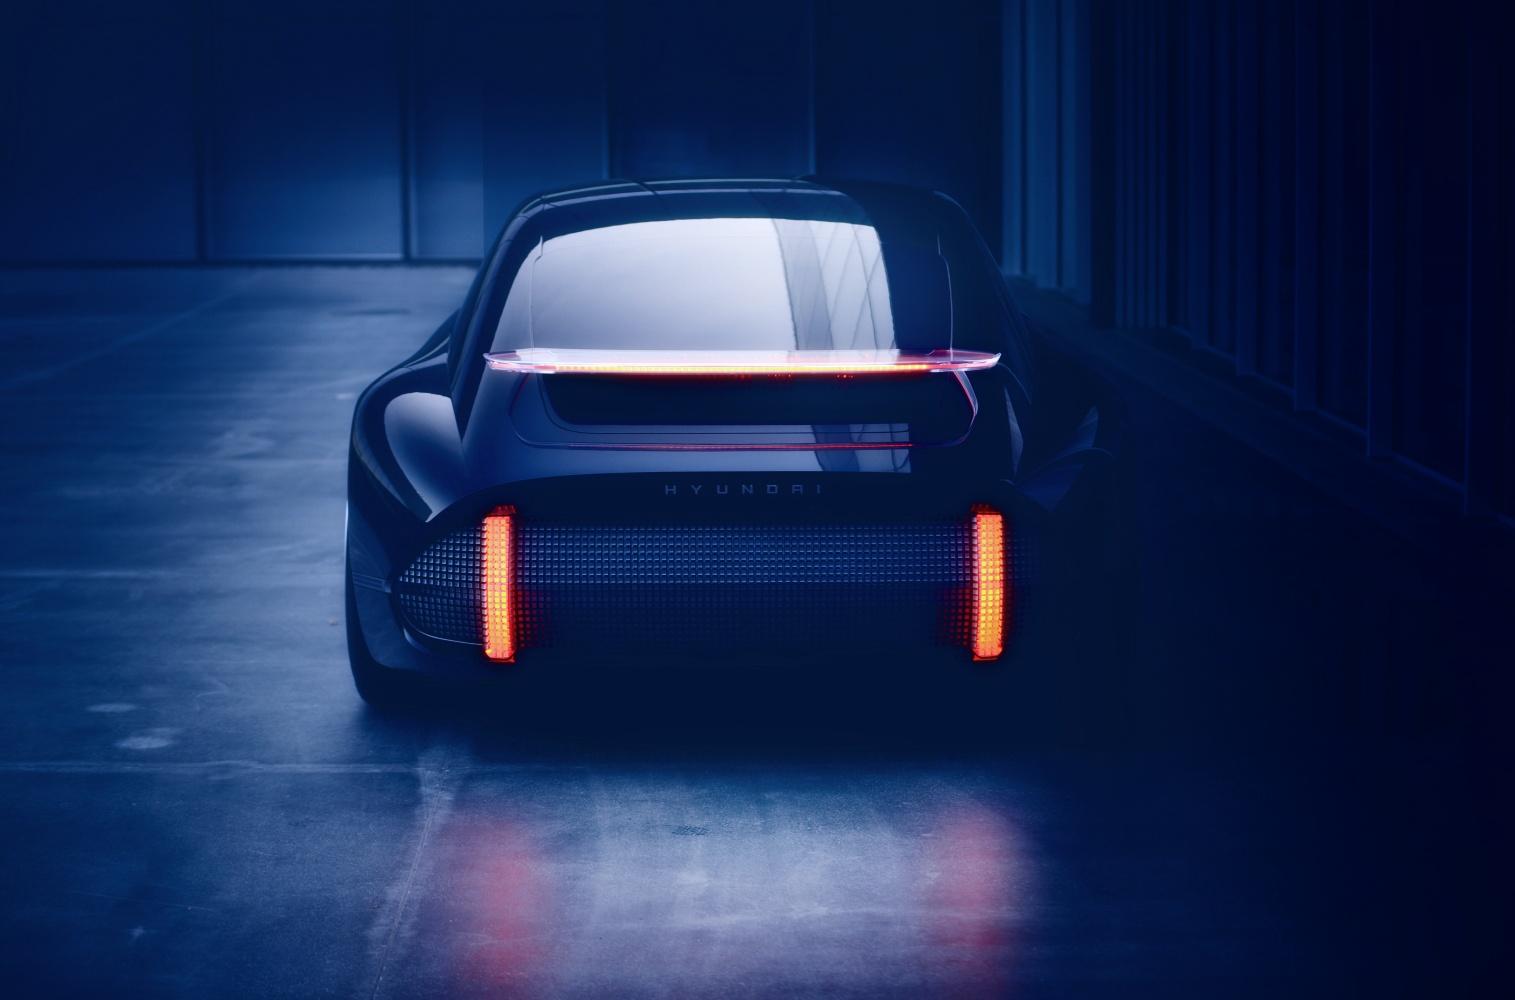 Hyundai Prophecy – samochód z joystickami zamiast kierownicy 19